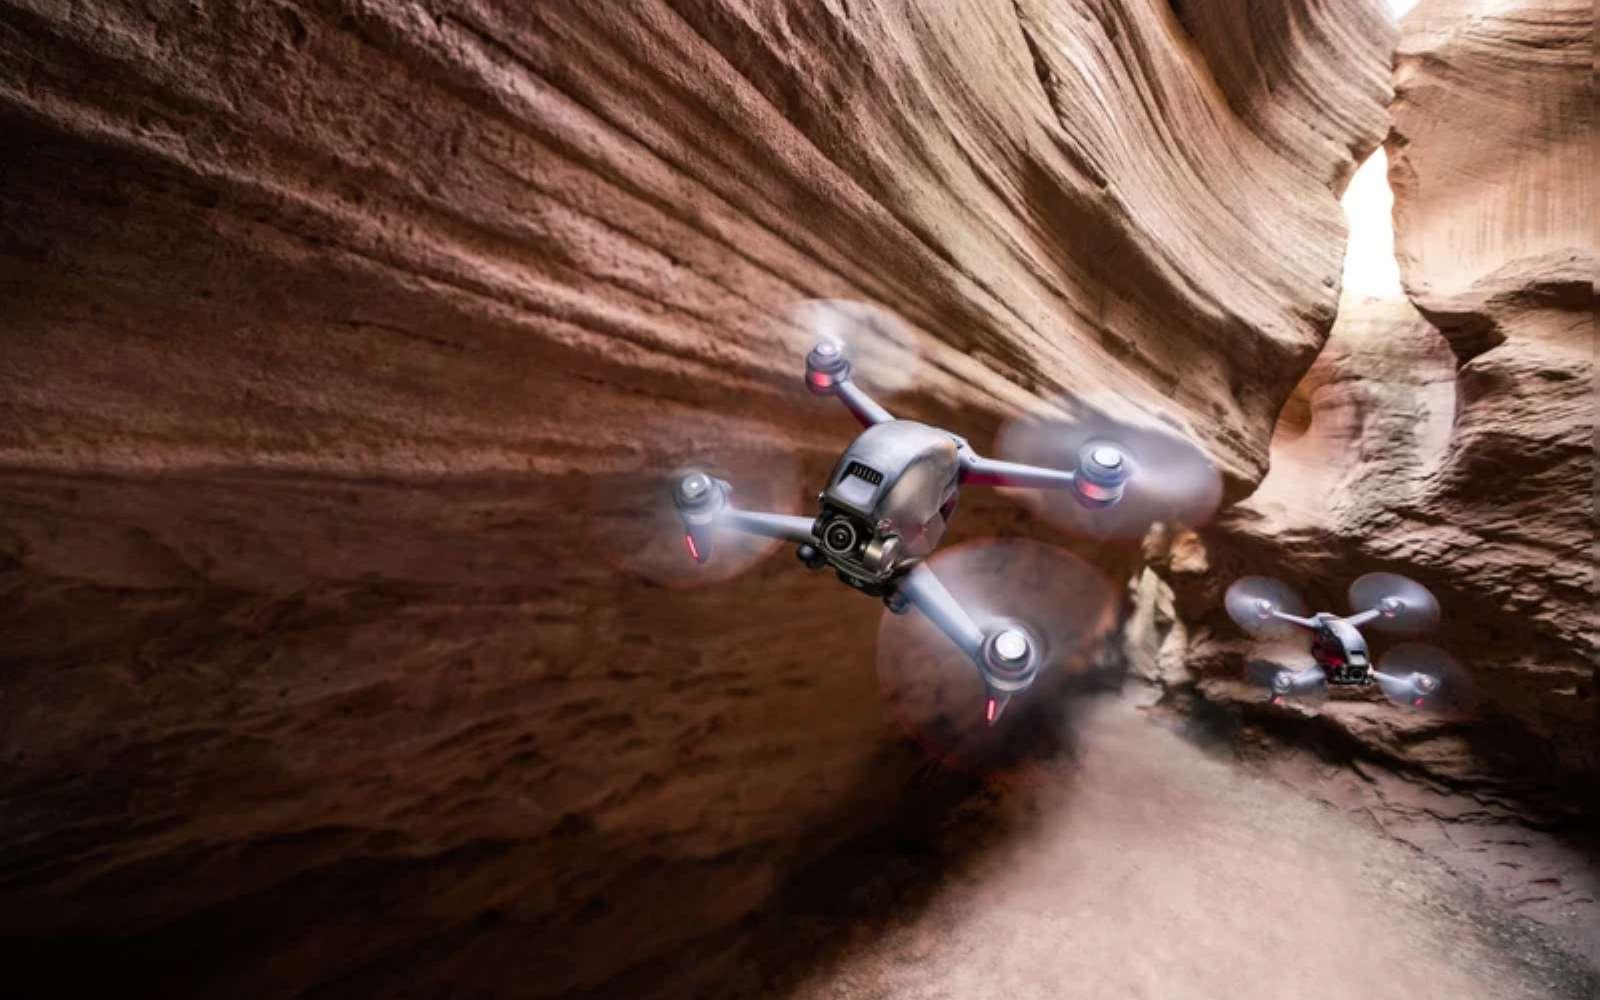 Avec son allure de racer, le DJI FPV est également un drone de loisir doué pour la prise de vue. © DJI